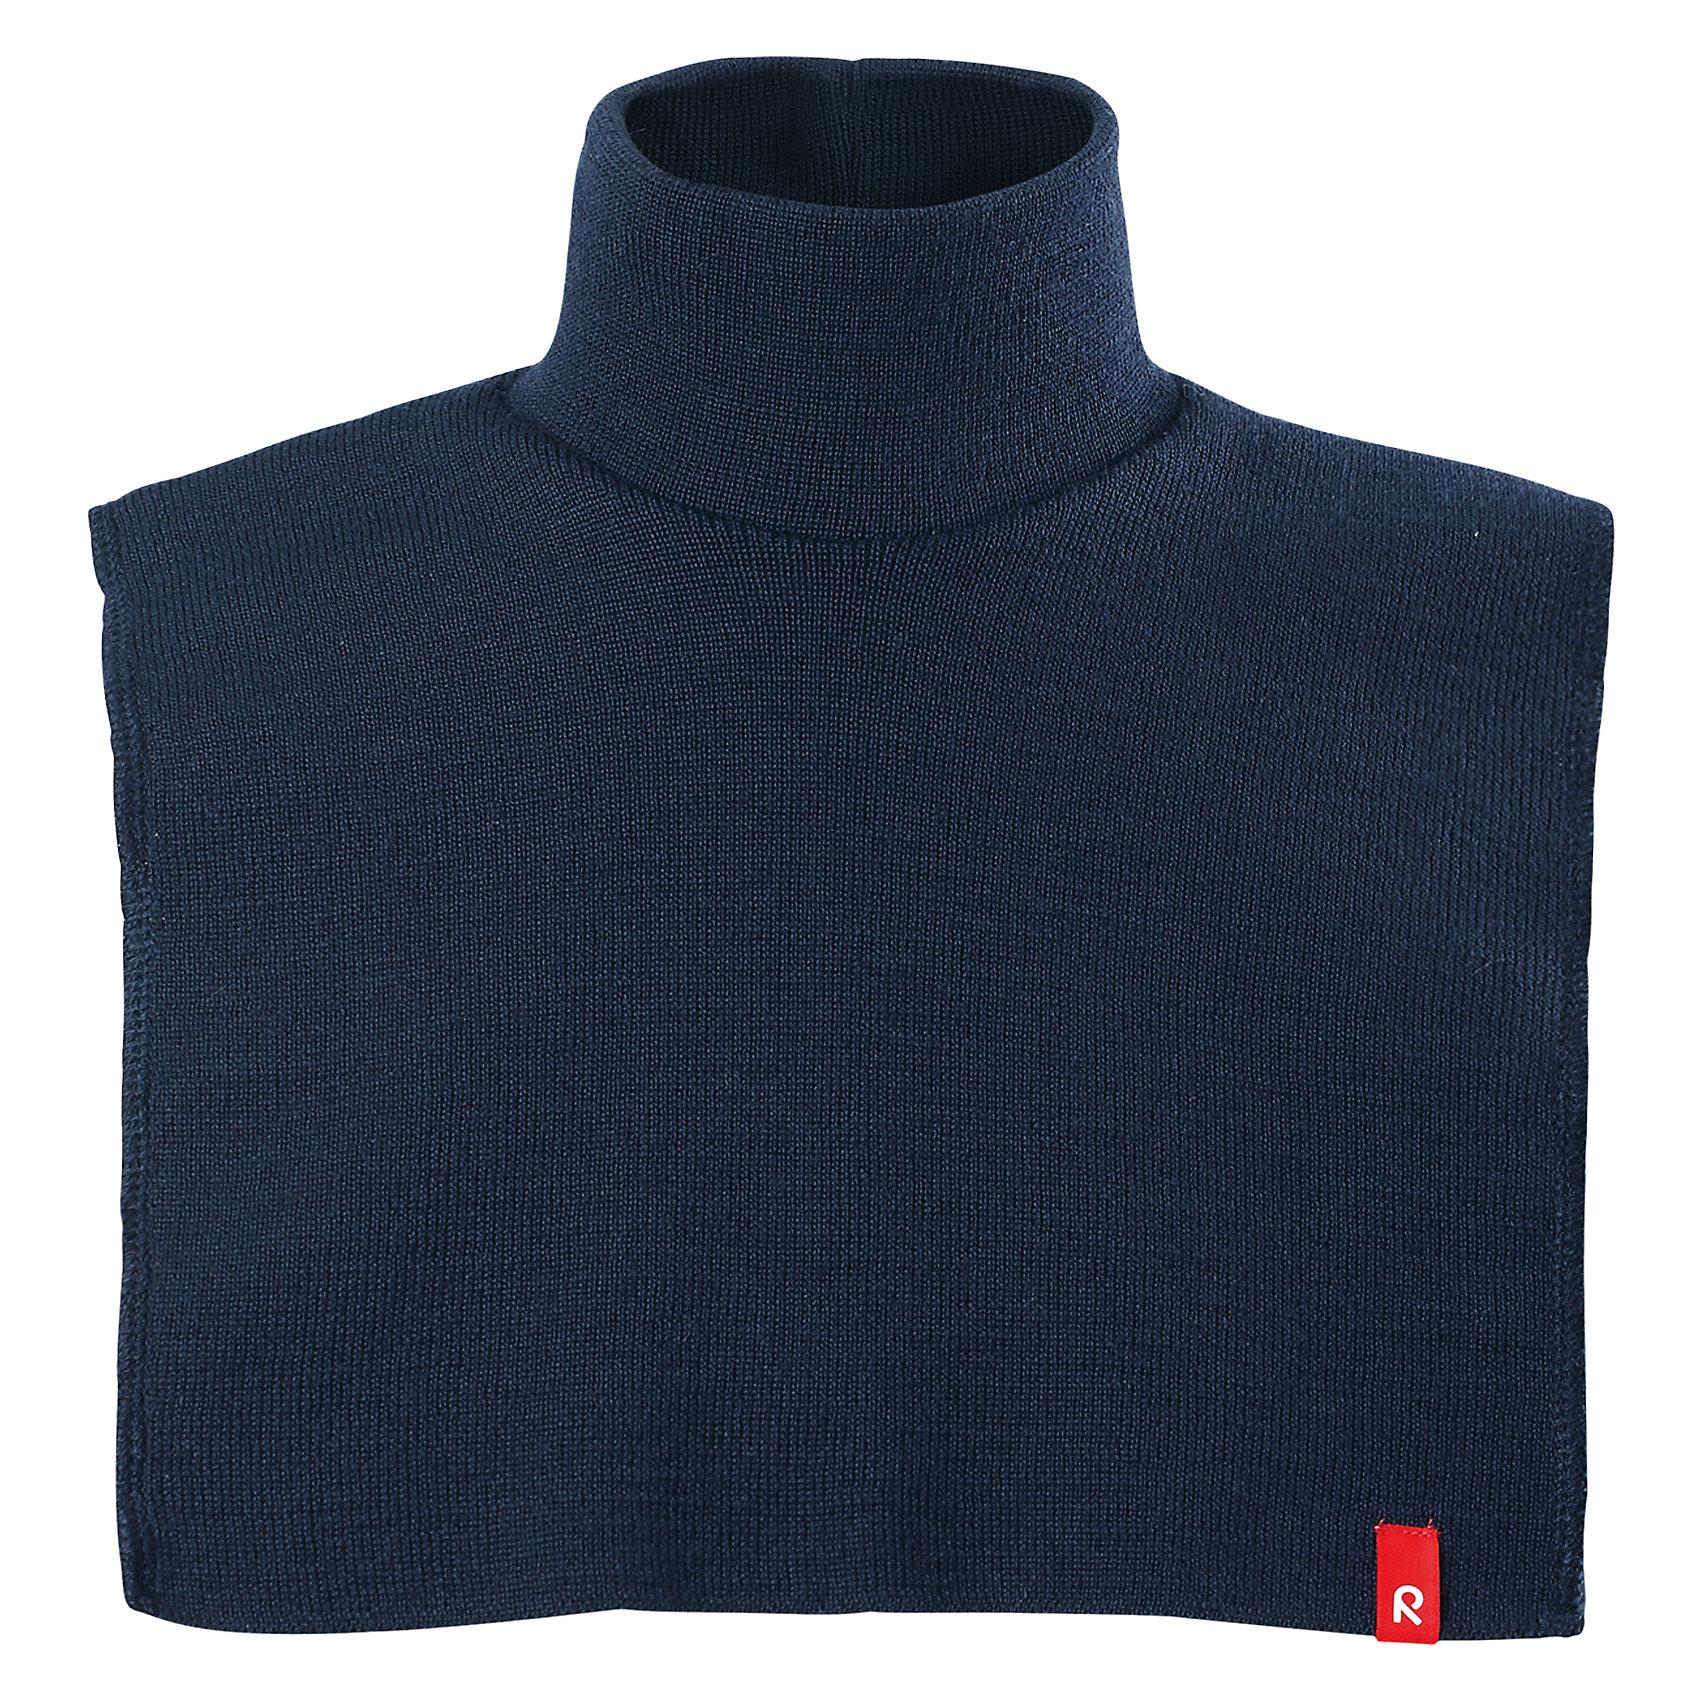 Манишка Reima StarВерхняя одежда<br>Характеристики товара:<br><br>• цвет: синий;<br>• состав: 100% шерсть;<br>• подкладка: 97% хлопок, 3% эластан;<br>• температурный режим: от 0 до -20С;<br>• сезон: зима; <br>• особенности модели: вязаная, шерстяная;<br>• мягкая ткань из мериносовой шерсти для поддержания идеальной температуры тела;<br>• частичная подкладка: хлопчатобумажная ткань ;<br>• логотип Reima спереди;<br>• страна бренда: Финляндия;<br>• страна изготовитель: Китай.<br><br>Красивая и мягкая шерстяная горловина с изумительным вязаным узором снабжена изнутри подкладкой из хлопкового трикотажа, так что не будет колоться или раздражать кожу. Во время игр на улице теплая горловина обеспечивает дополнительную защиту шеи и верхней части груди.<br><br>Манишку Reima Star от финского бренда Reima (Рейма) можно купить в нашем интернет-магазине.<br><br>Ширина мм: 88<br>Глубина мм: 155<br>Высота мм: 26<br>Вес г: 106<br>Цвет: синий<br>Возраст от месяцев: 36<br>Возраст до месяцев: 48<br>Пол: Унисекс<br>Возраст: Детский<br>Размер: 50/52,46/48<br>SKU: 6907254